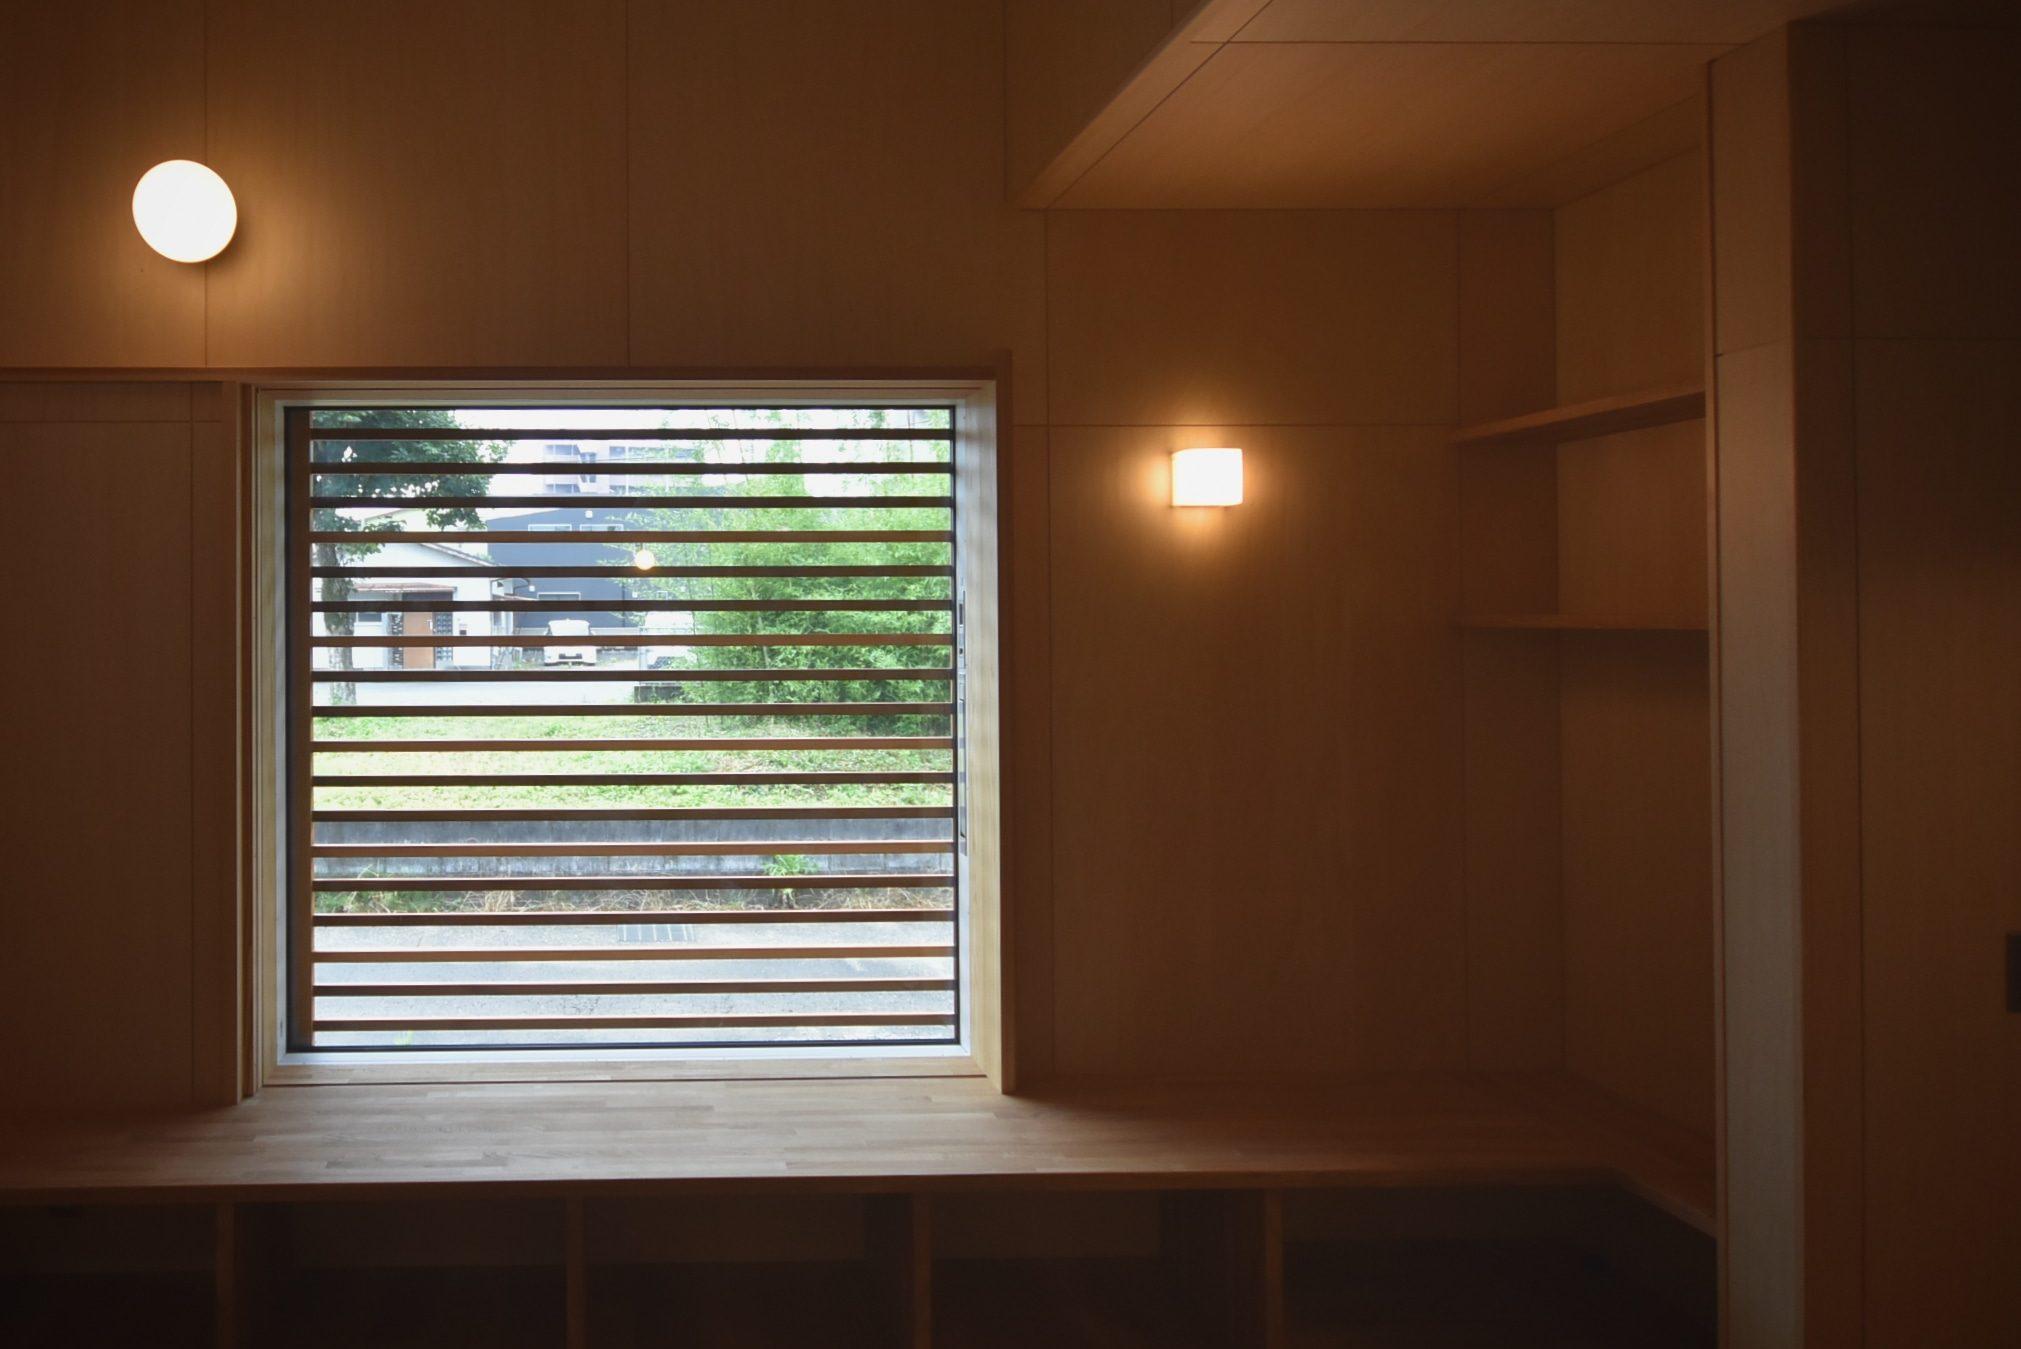 田迎の住宅:昼間もガラリをしていれば、窓を開けていてもプライベートは確保できます。